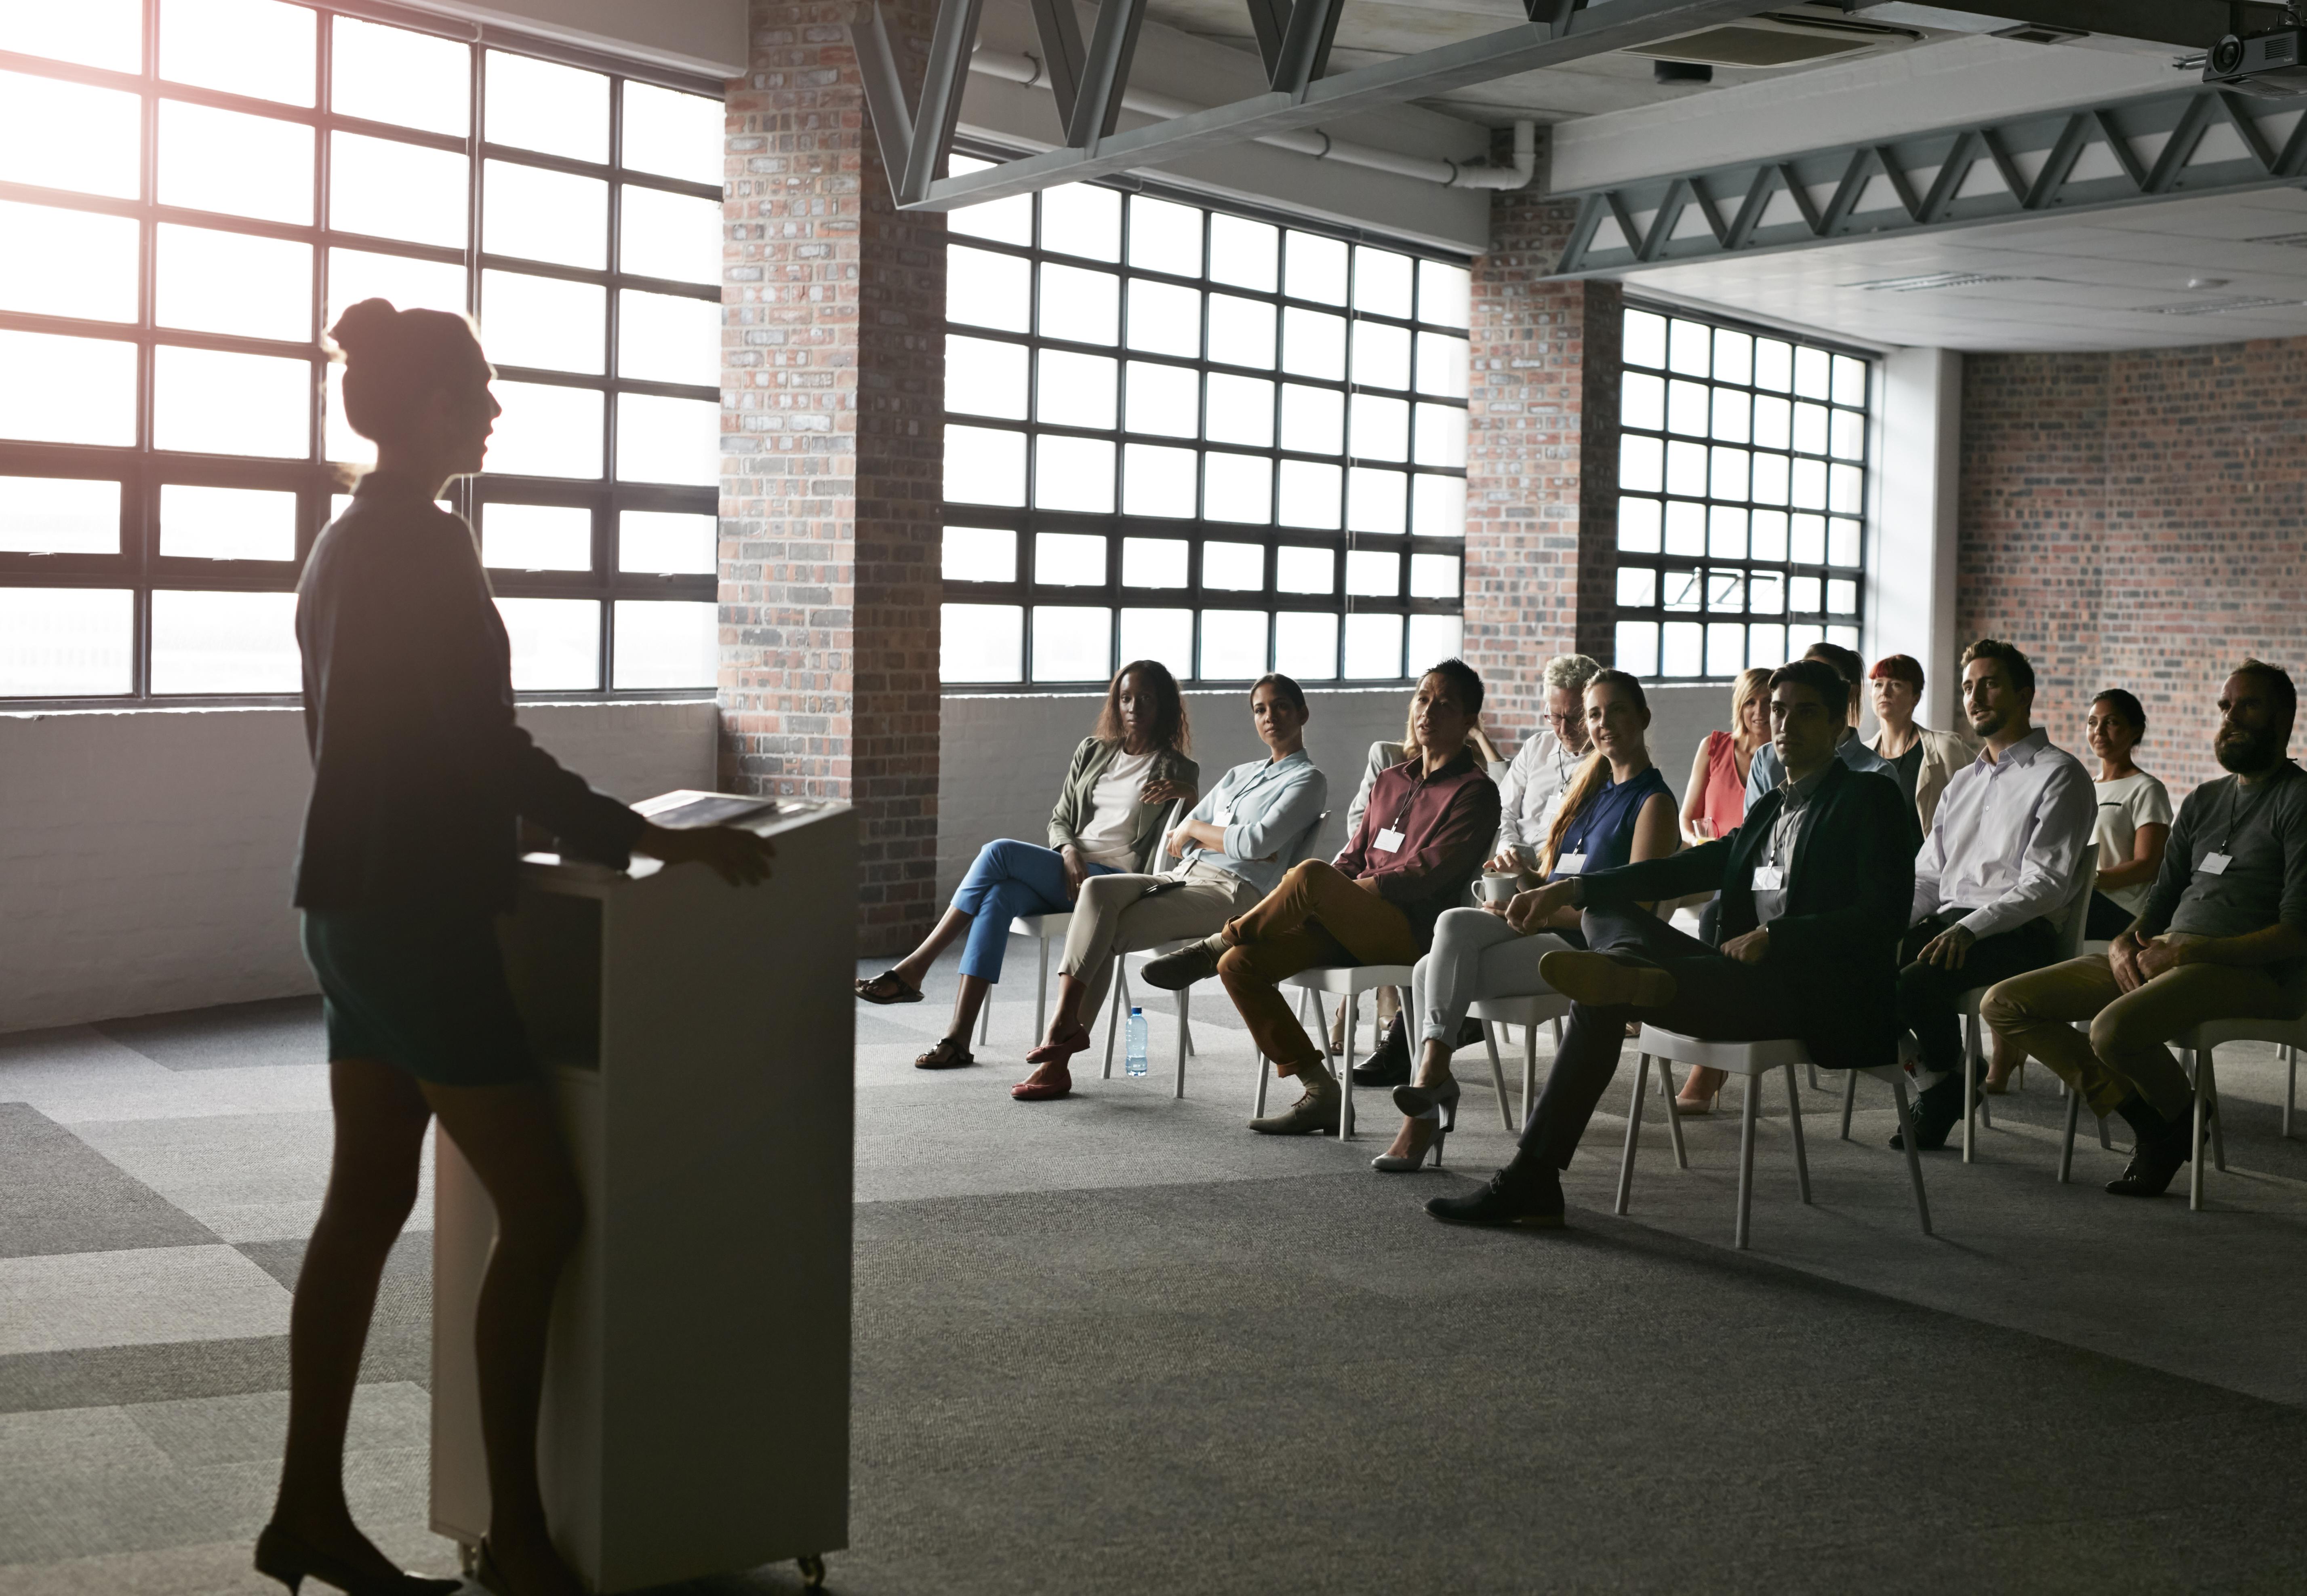 Businesswoman doing presentation in auditorium